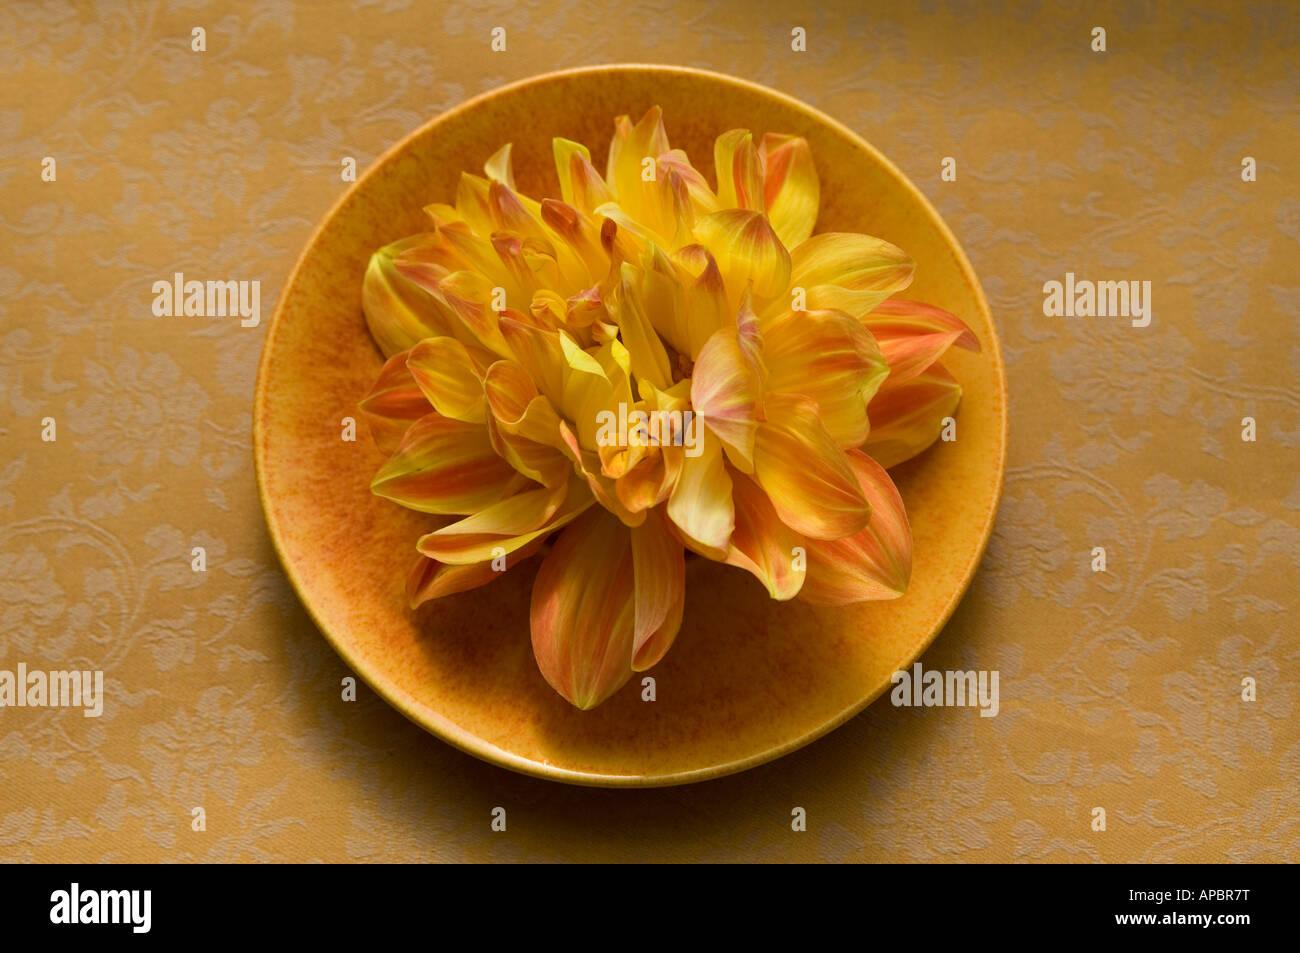 Dahlia fleurs jaune plaque sur la vie toujours jaune orange cercle rond simple Photo Stock